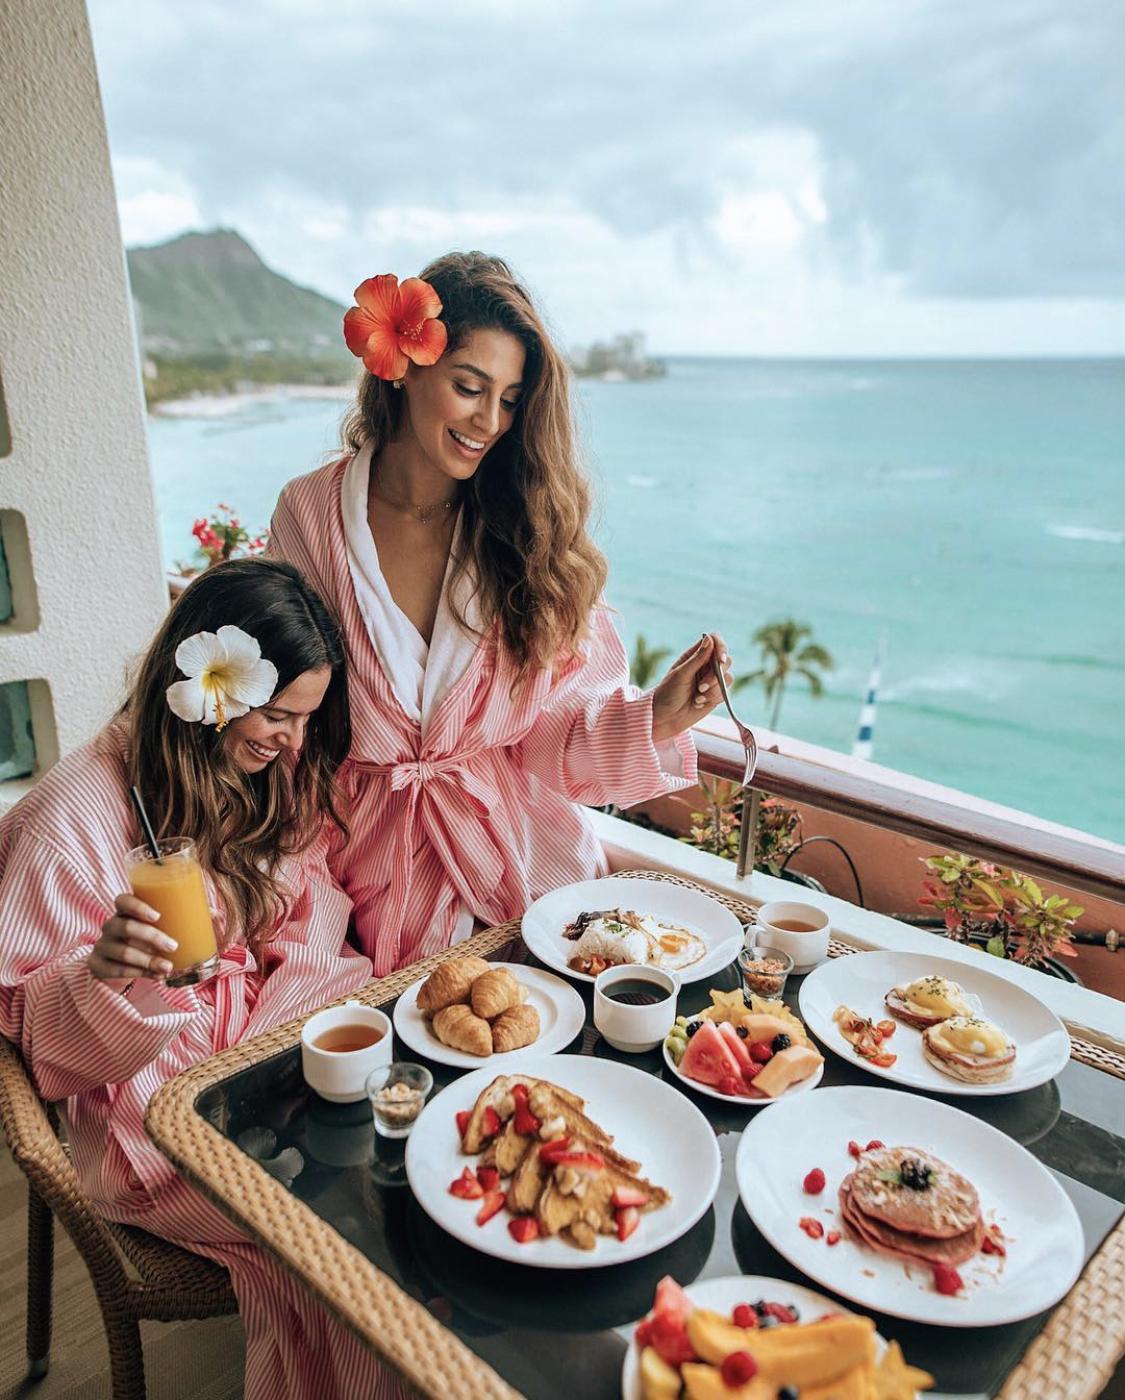 Breakfast in Oahu, Hawaii on a balcony